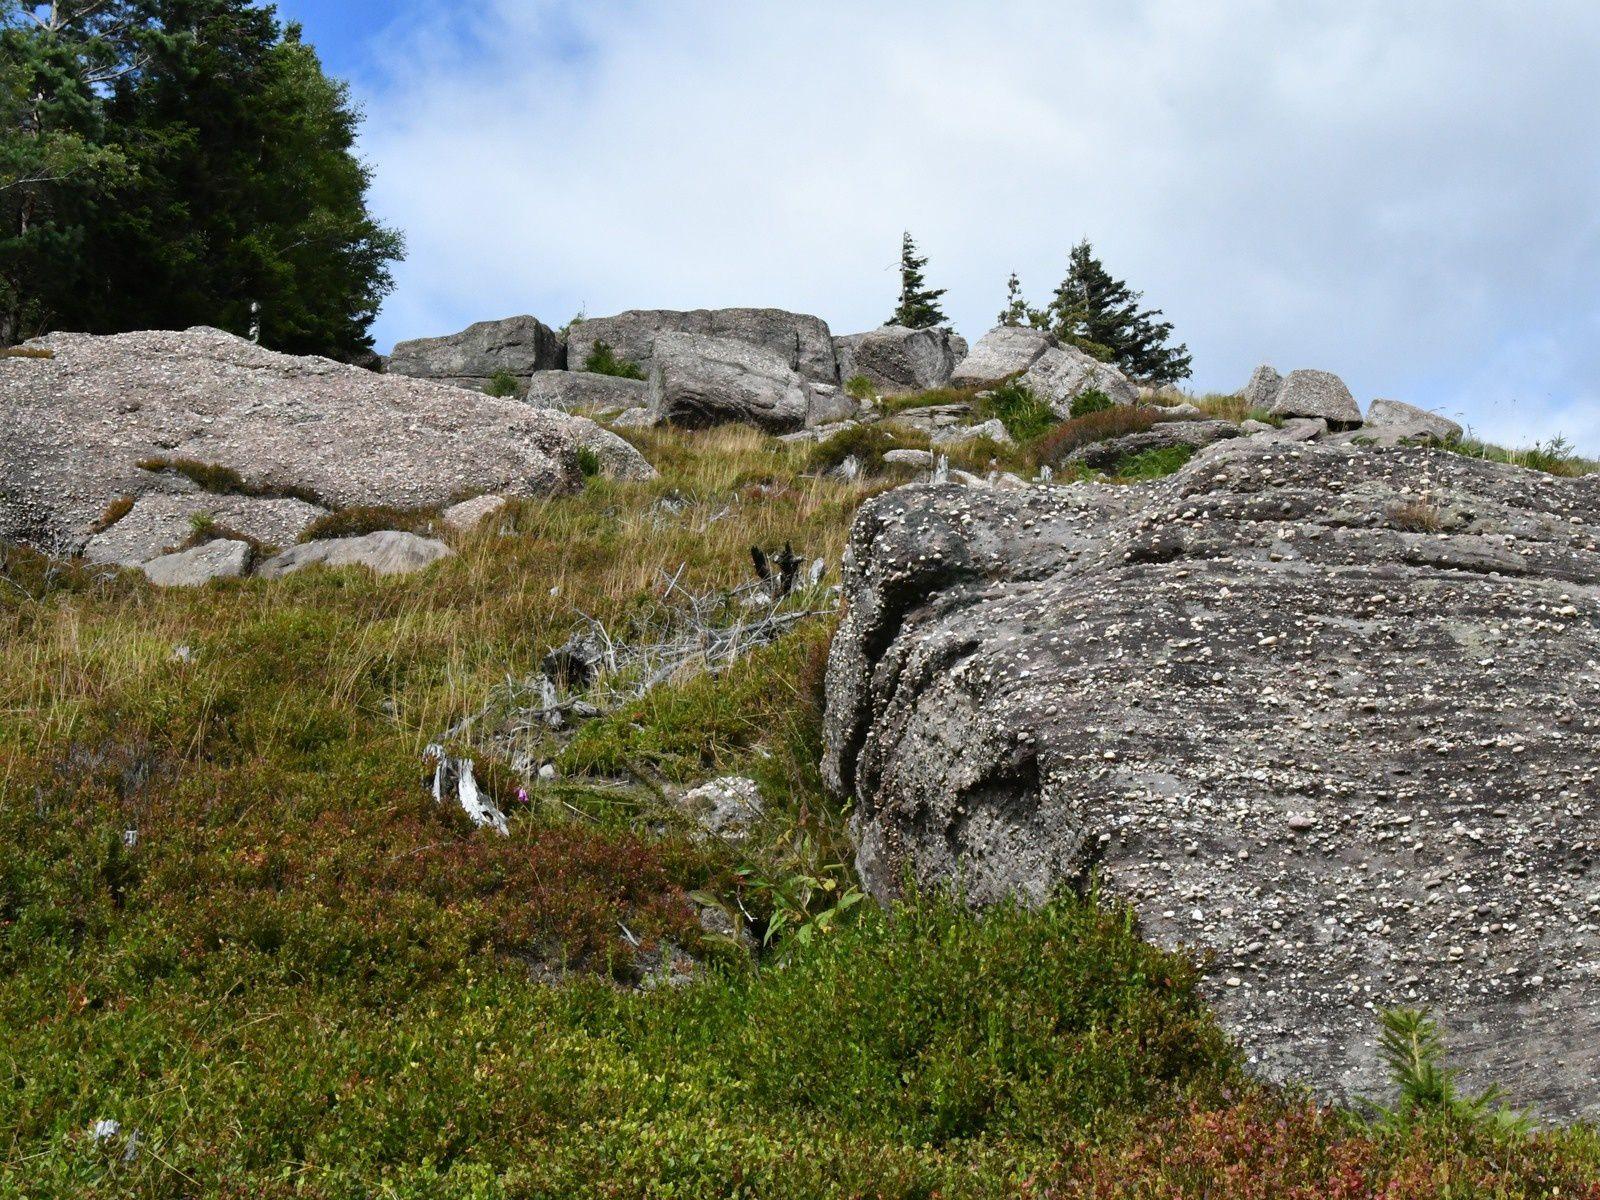 Dimanche 9 octobre - Sur les traces de Neandertal au Nideck, en itinéraire-découverte